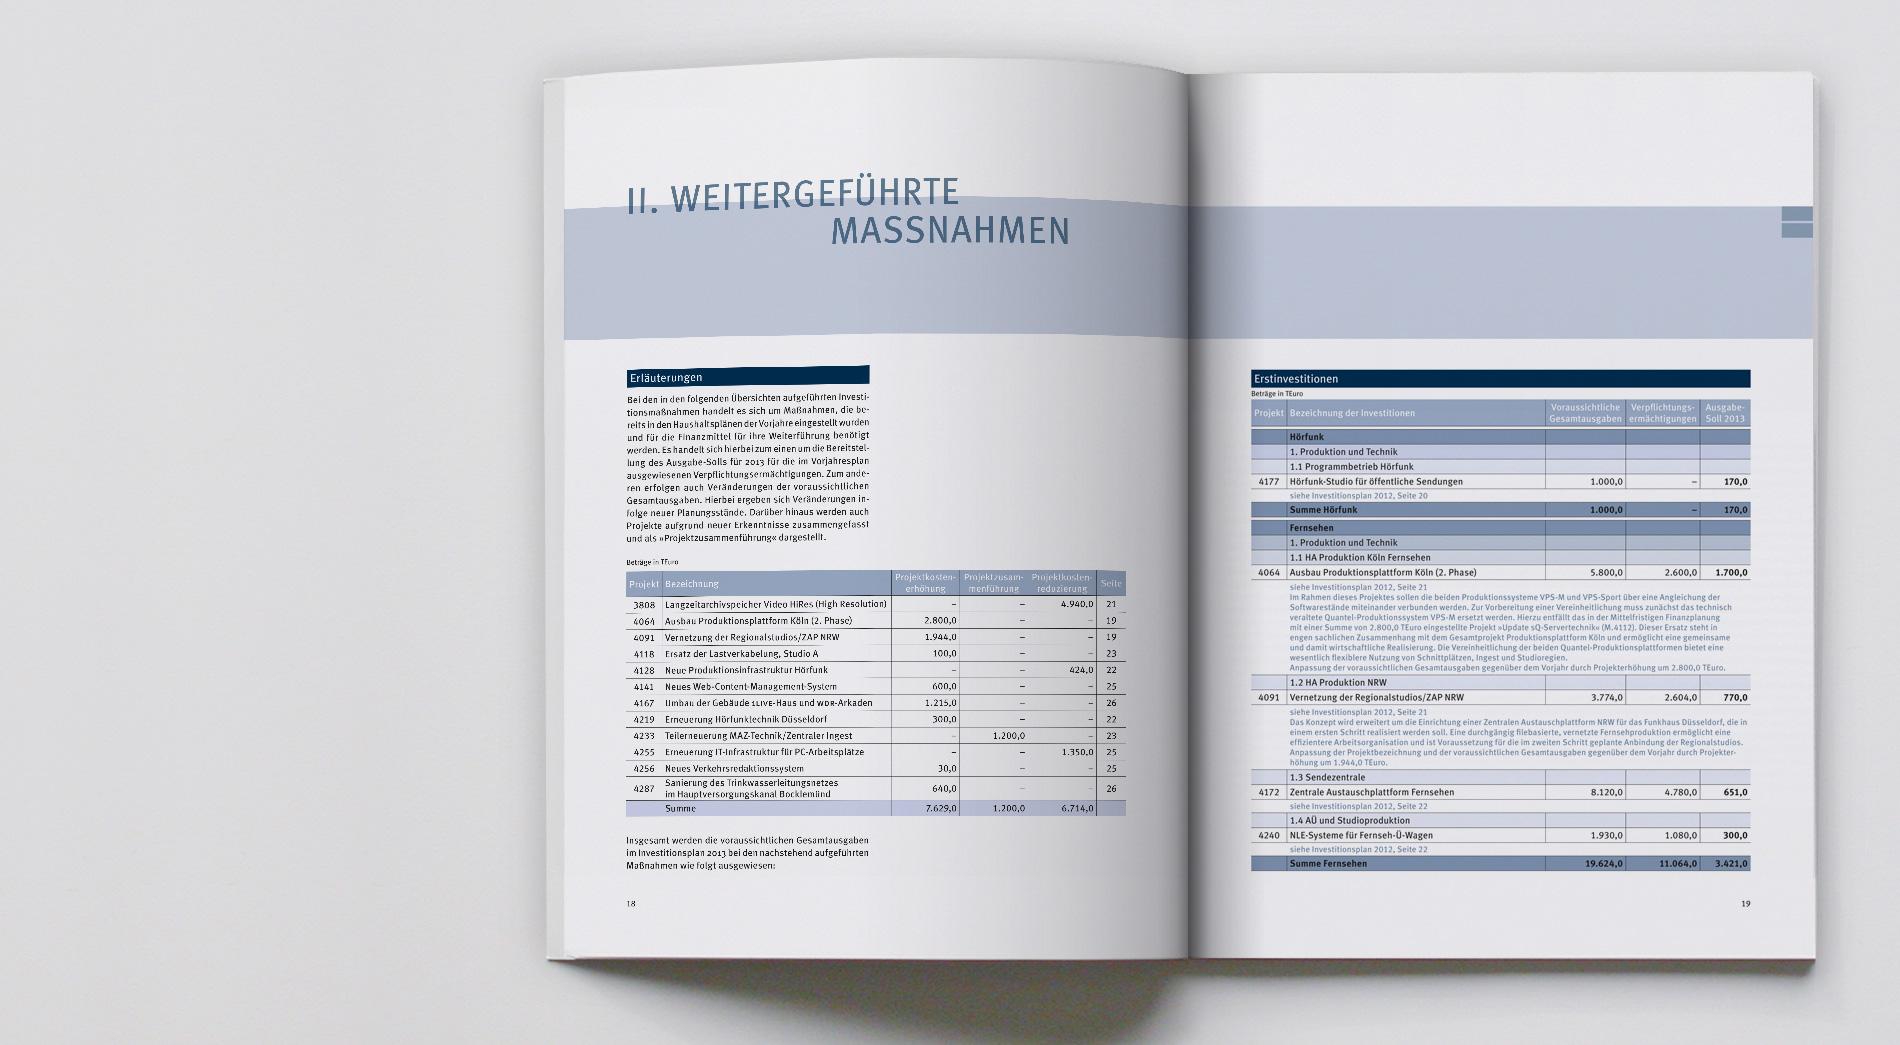 WDR Finanzpublikationen 2012, Investitionsplan 2013, Innenteil